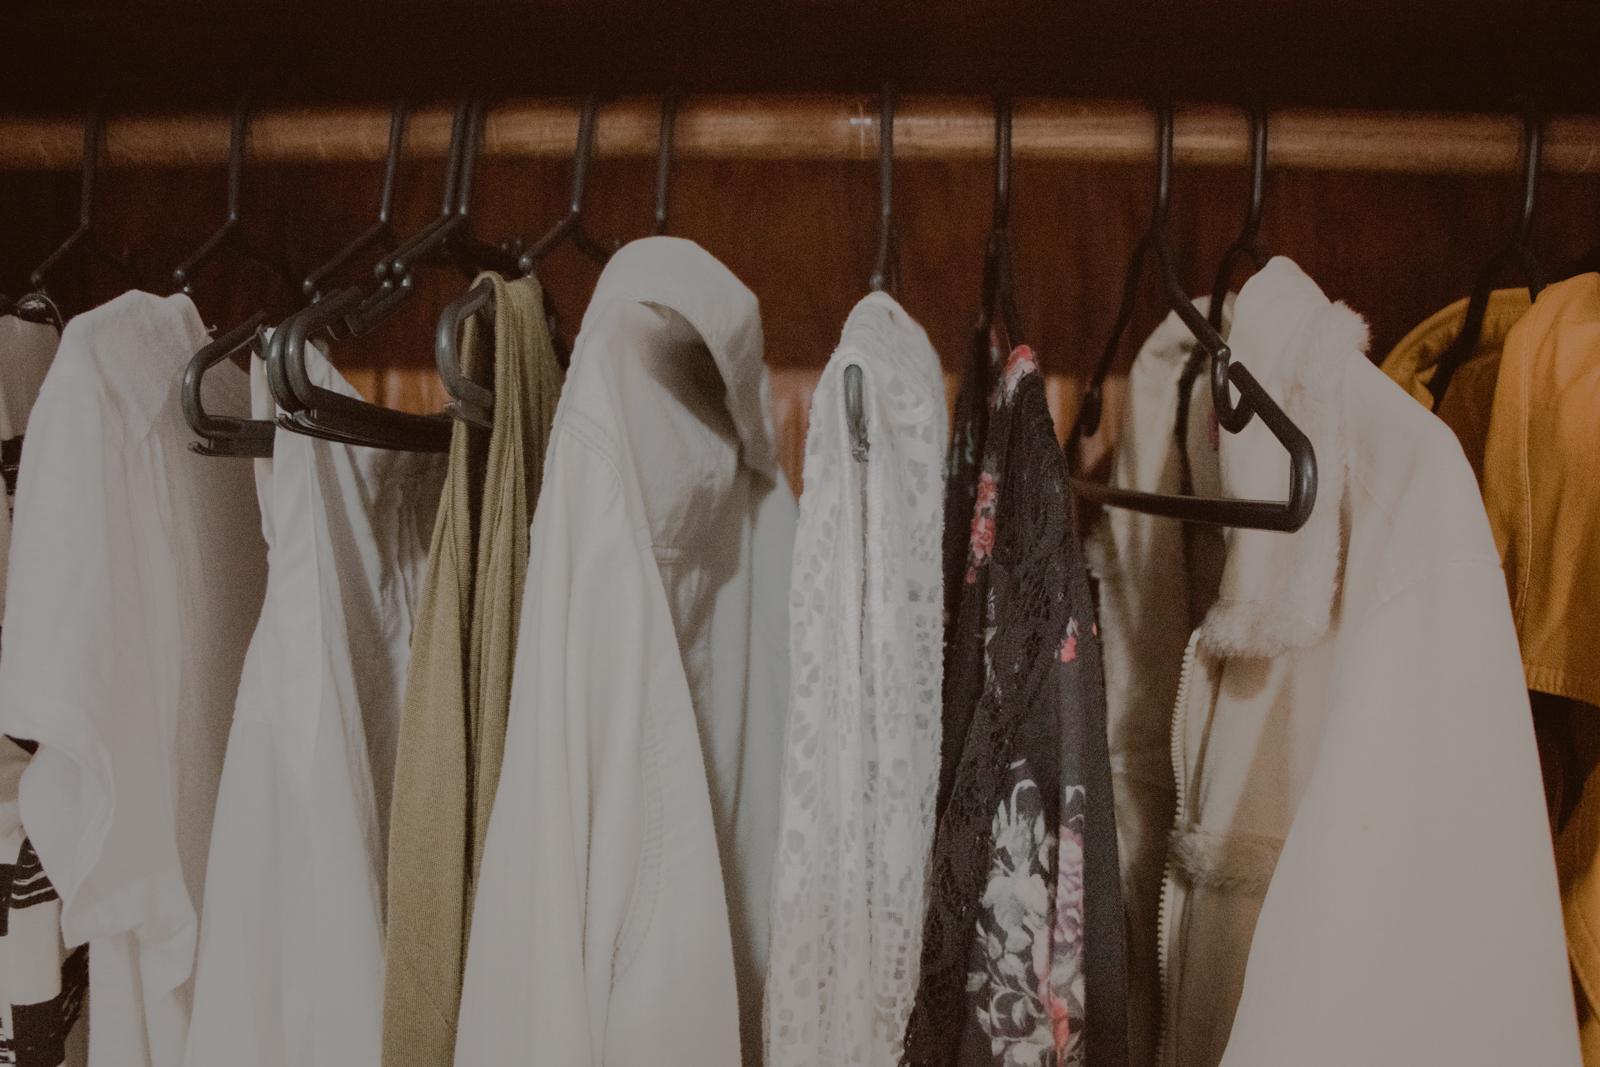 roupas penduradas no cabide preto